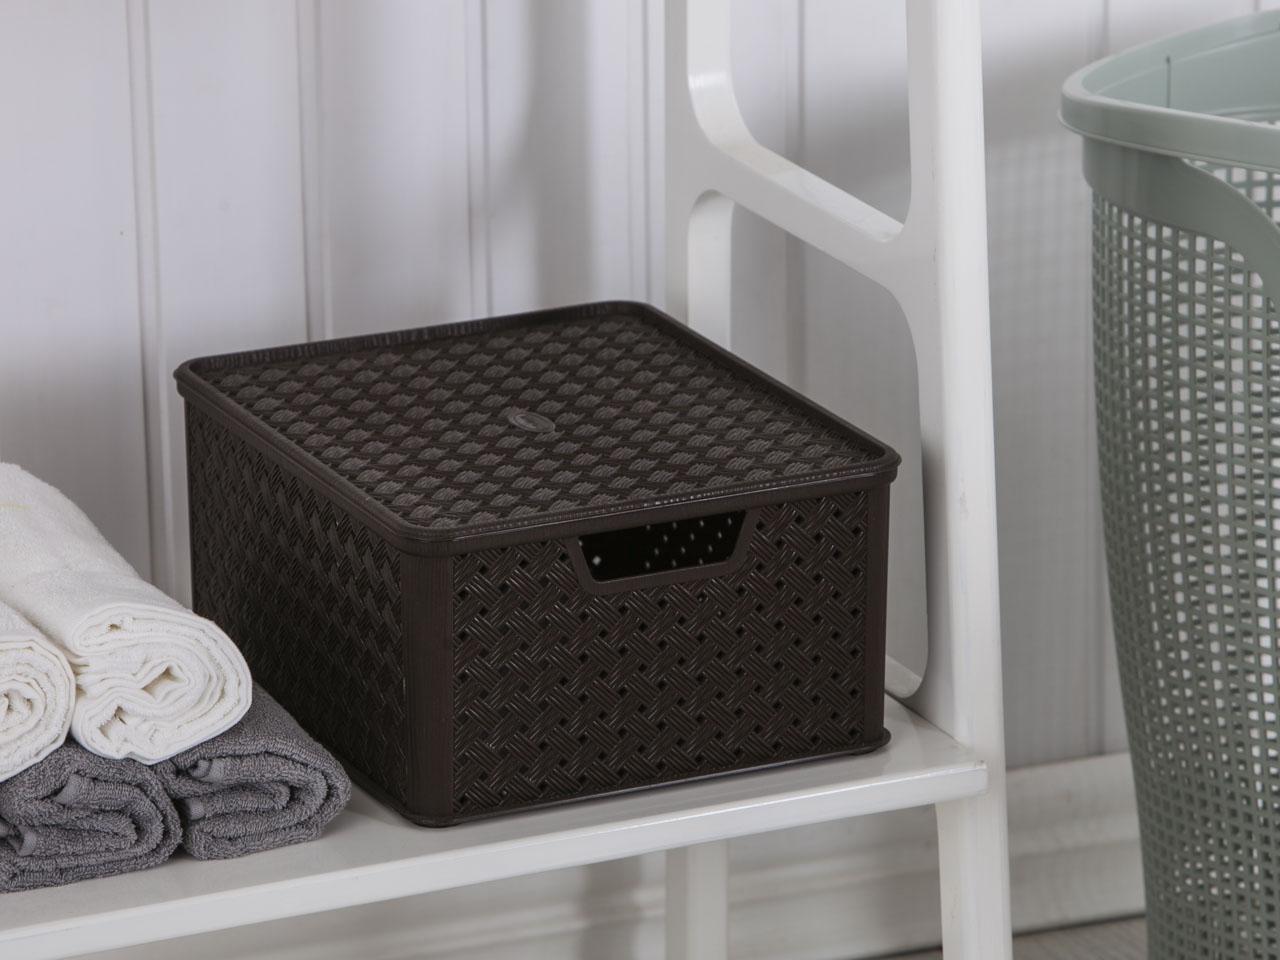 Koszyk / pojemnik do przechowywania duży z pokrywą Tontarelli Arianna 33,2x29x16,5 cm brązowy